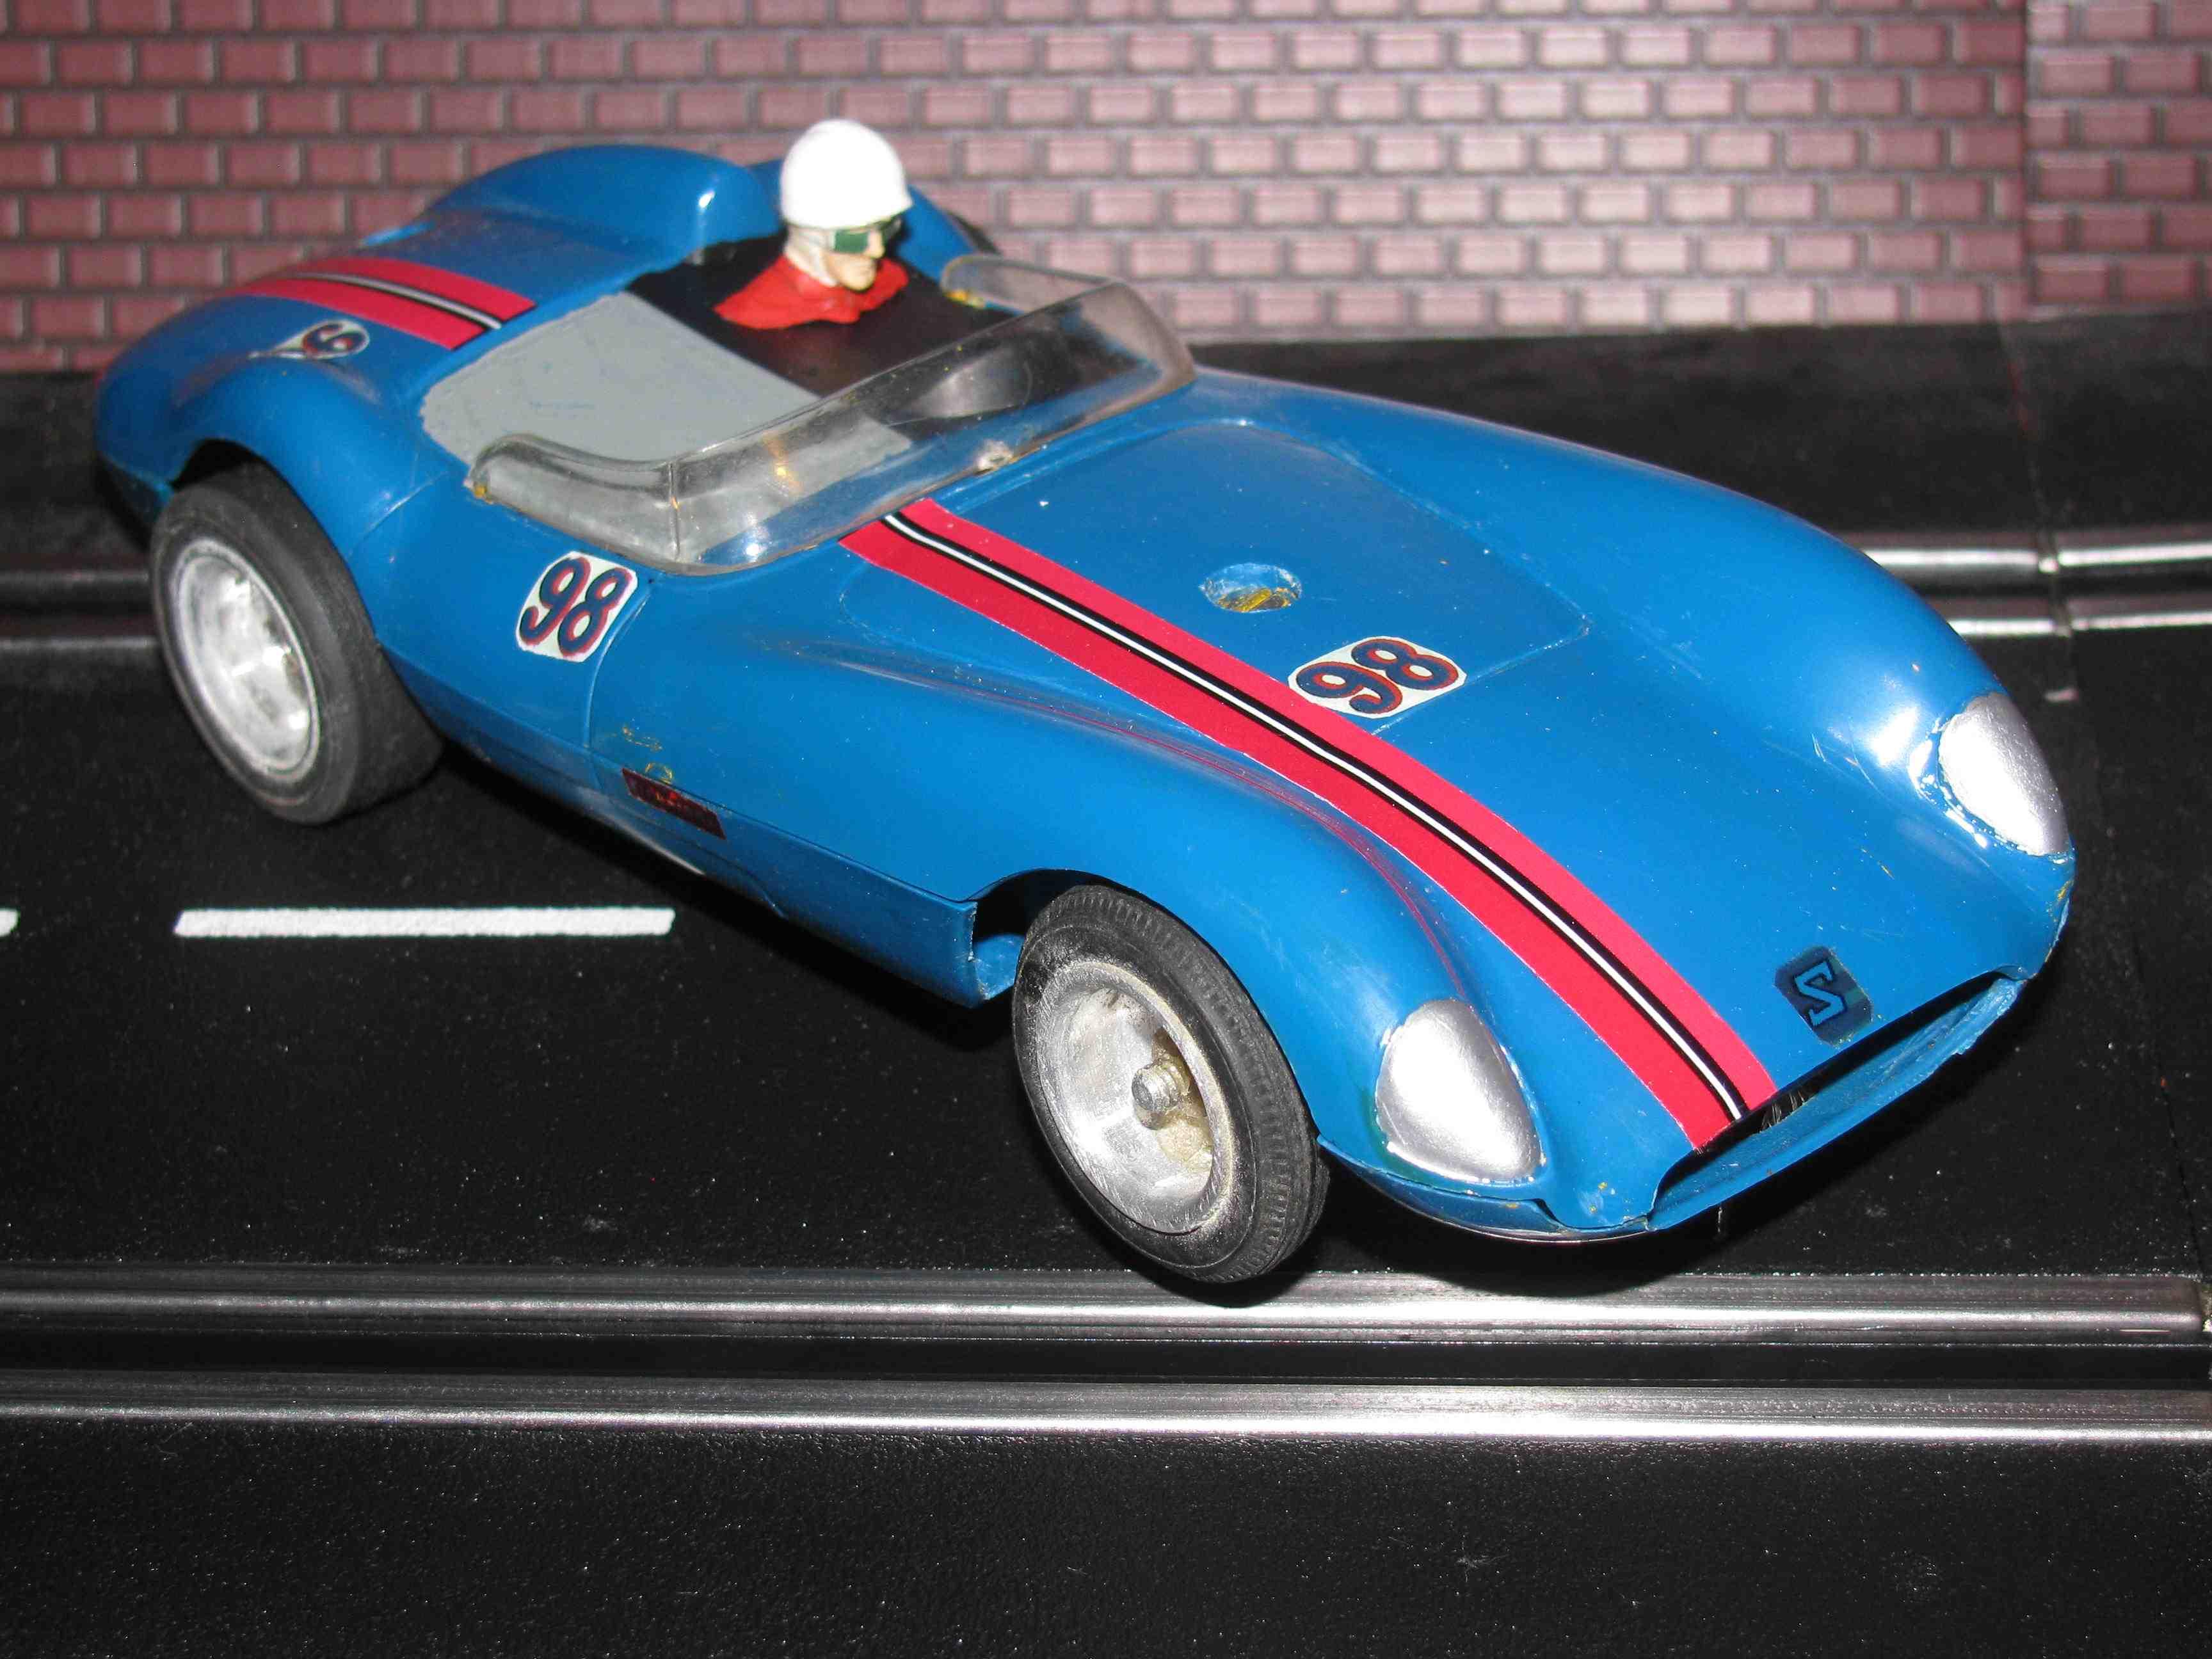 * SOLD * Vintage Blue Scarab Racer Slot Car 1/32 Scale